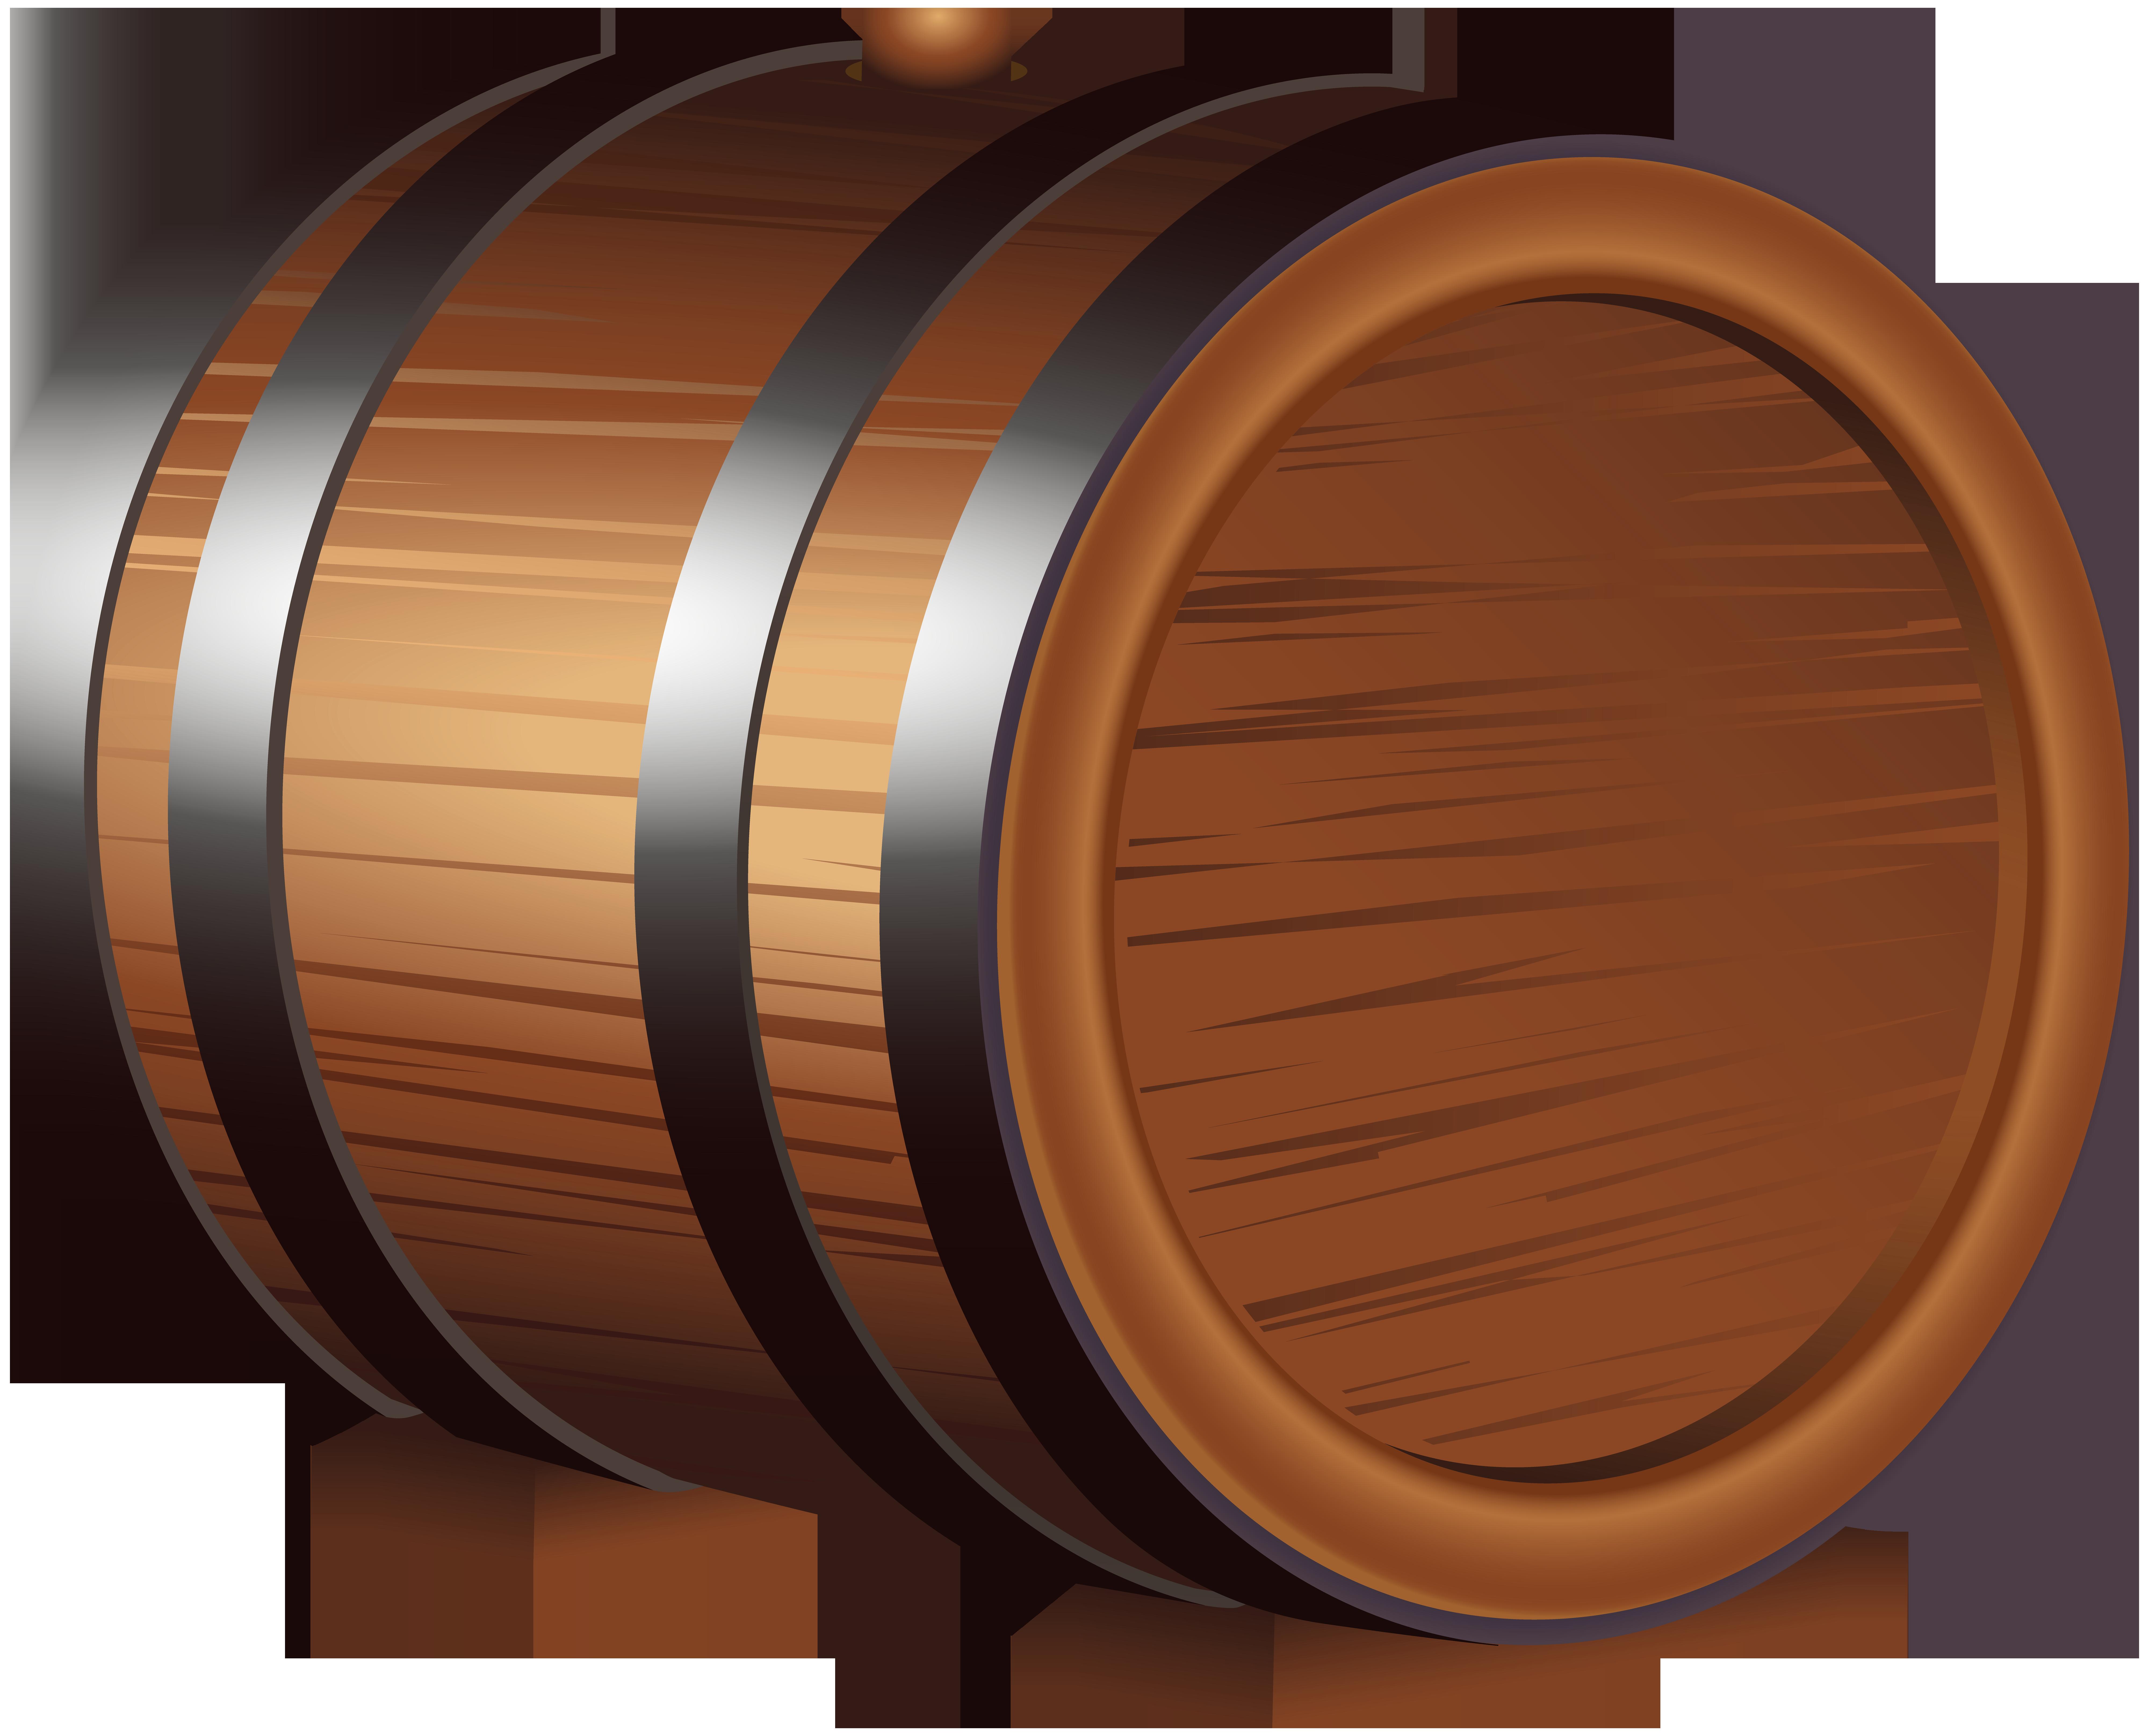 Wooden barrel top clipart clip transparent library Wooden Barrel PNG Clip Art Image | Gallery Yopriceville ... clip transparent library